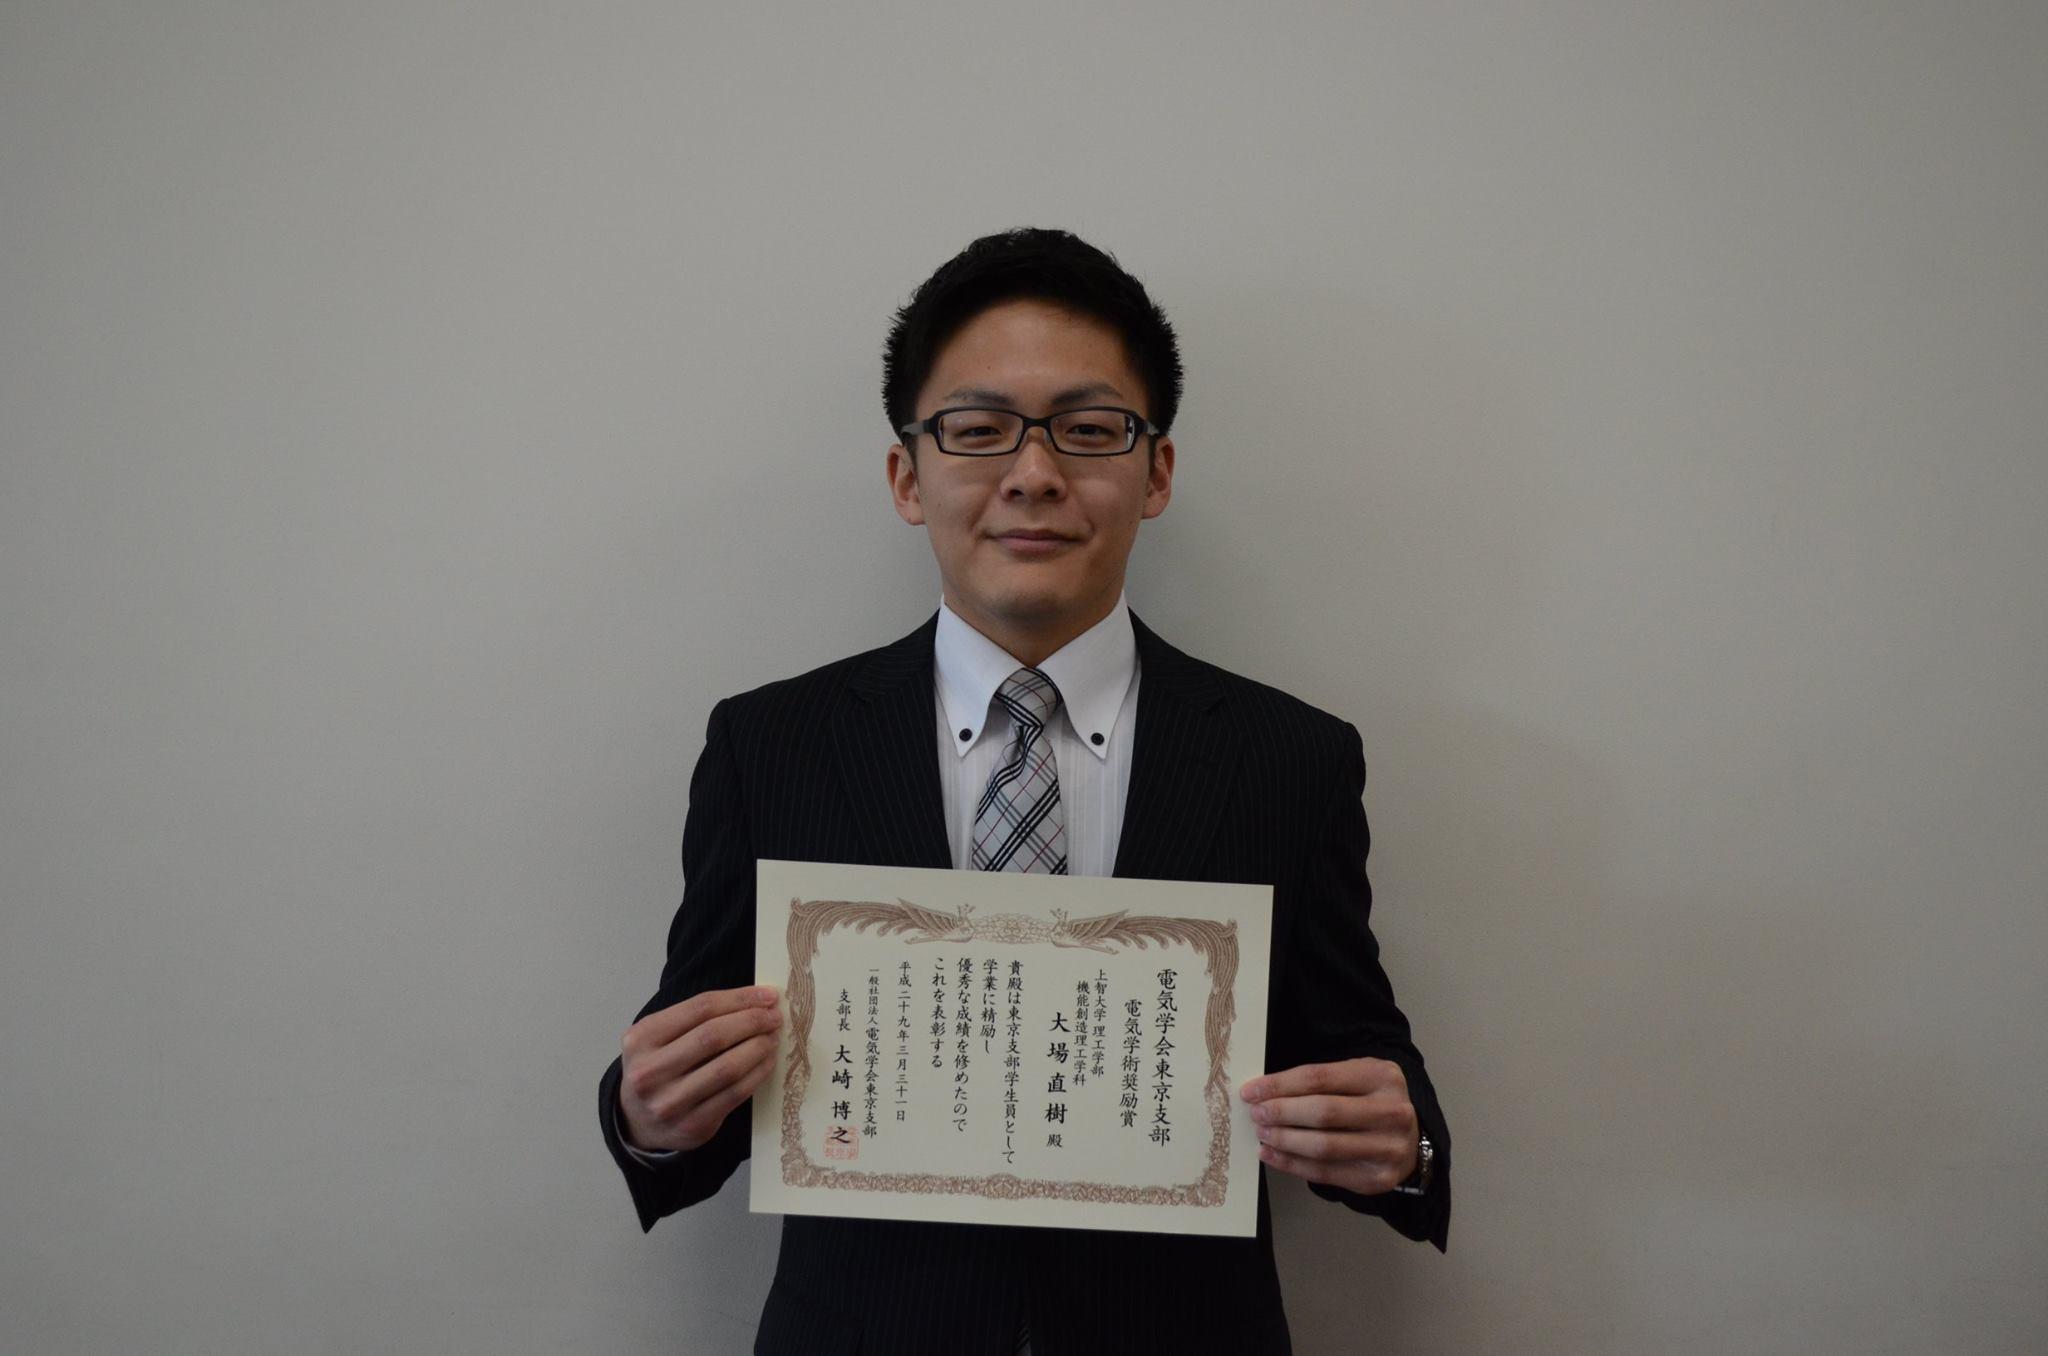 学生の受賞 (電気学会 電気学術奨励賞)